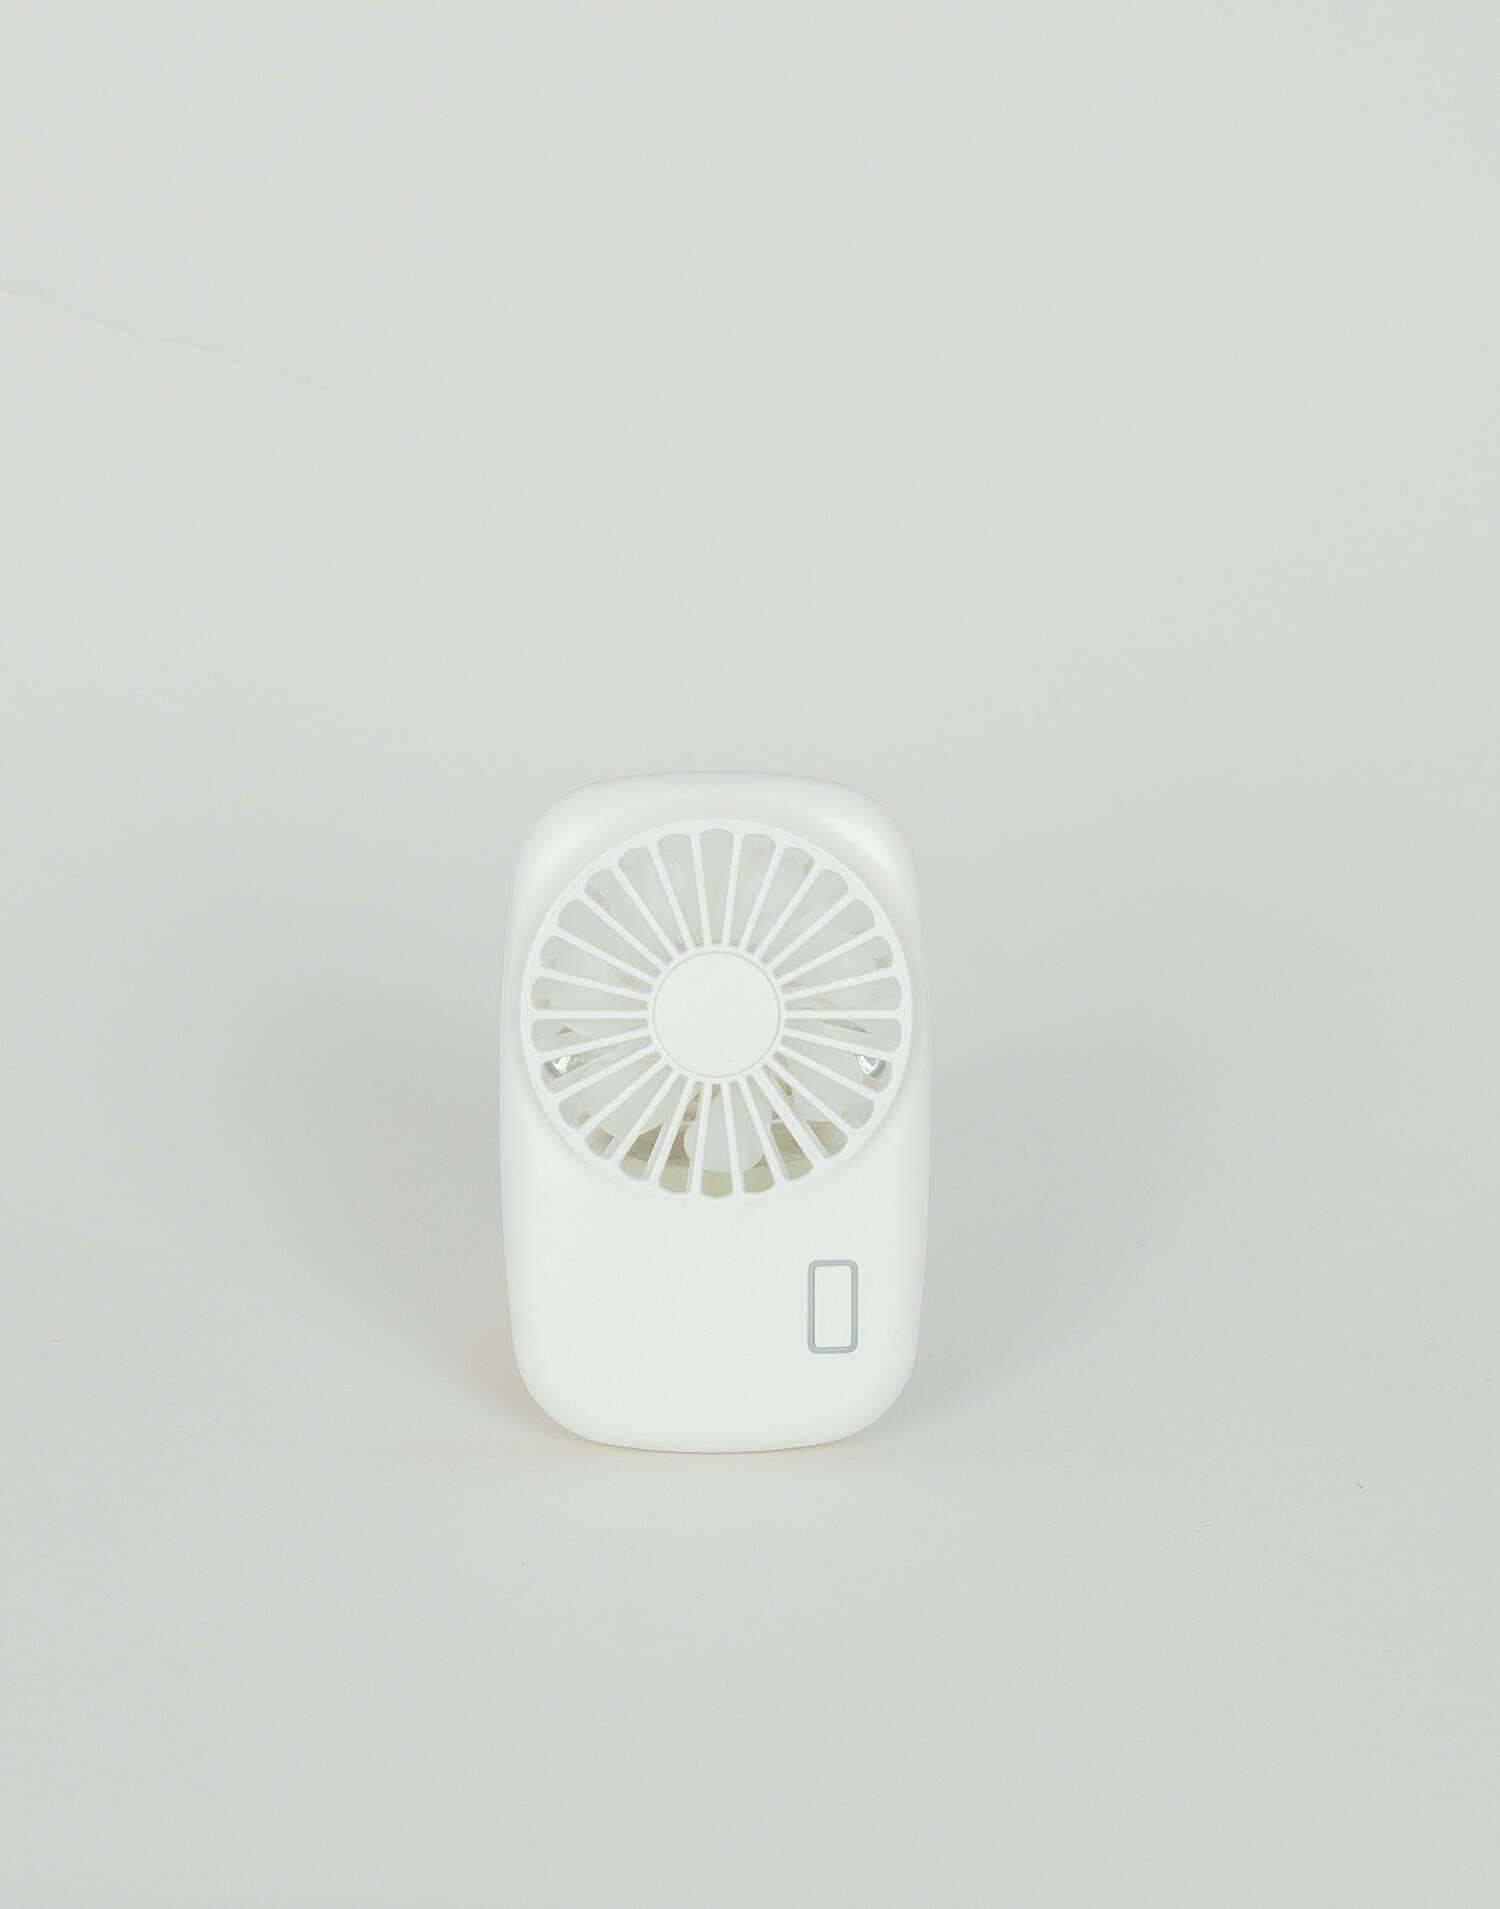 Pocket fan